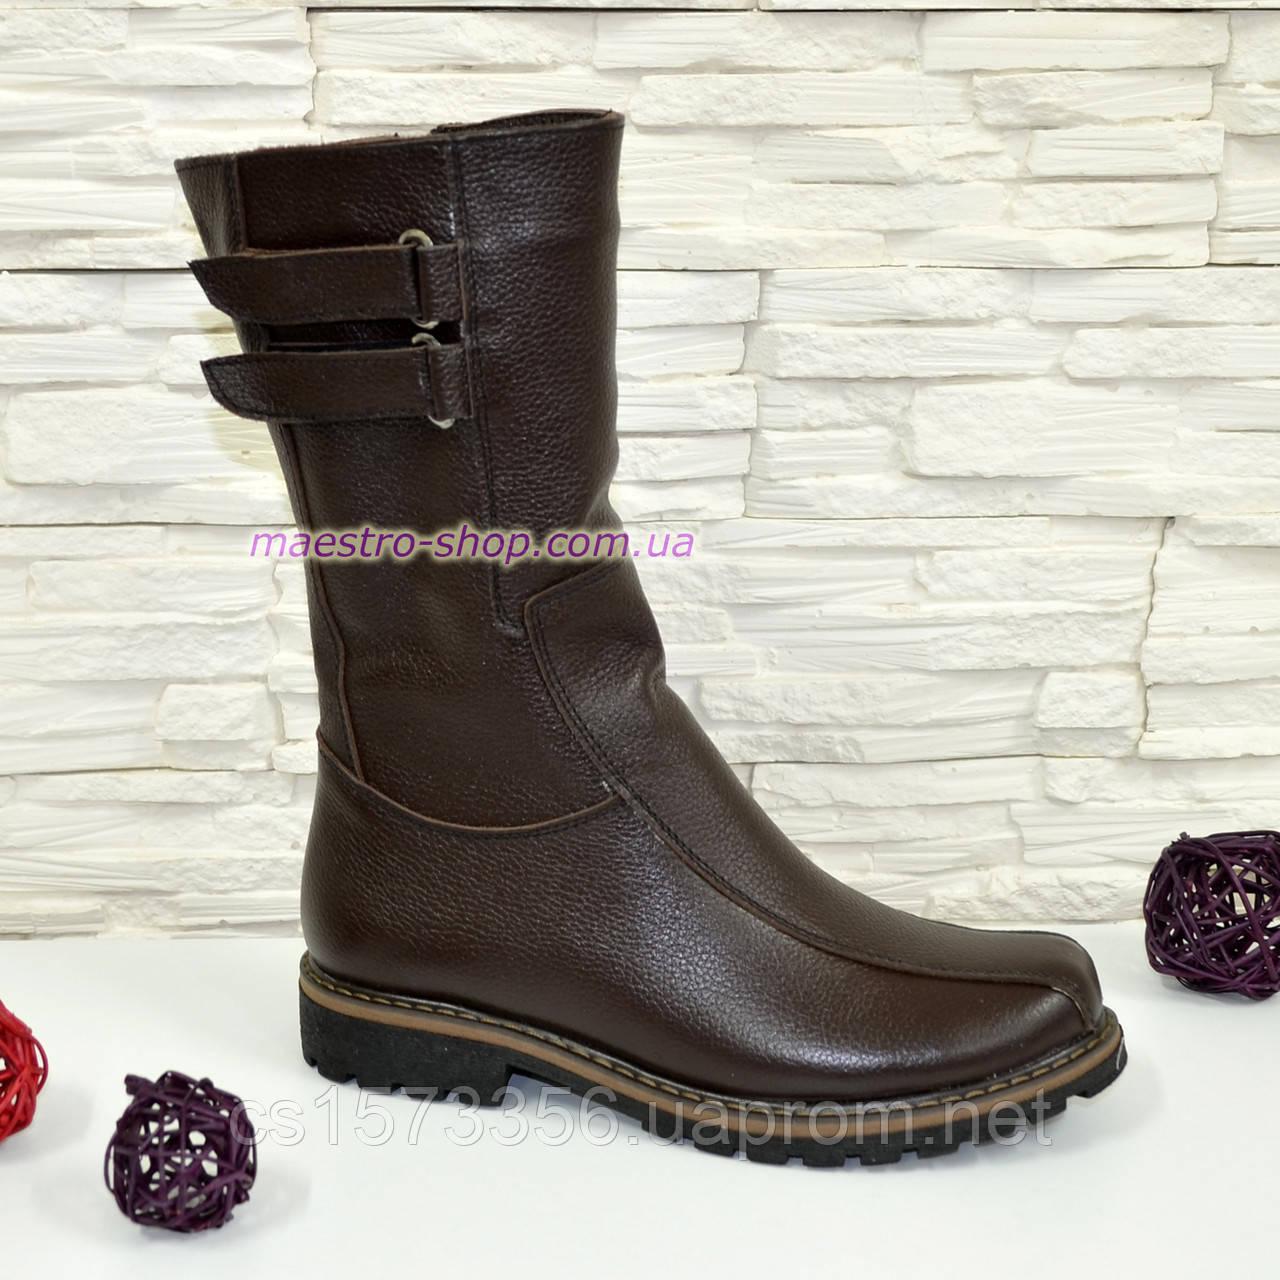 Ботинки кожаные коричневые женские демисезонные